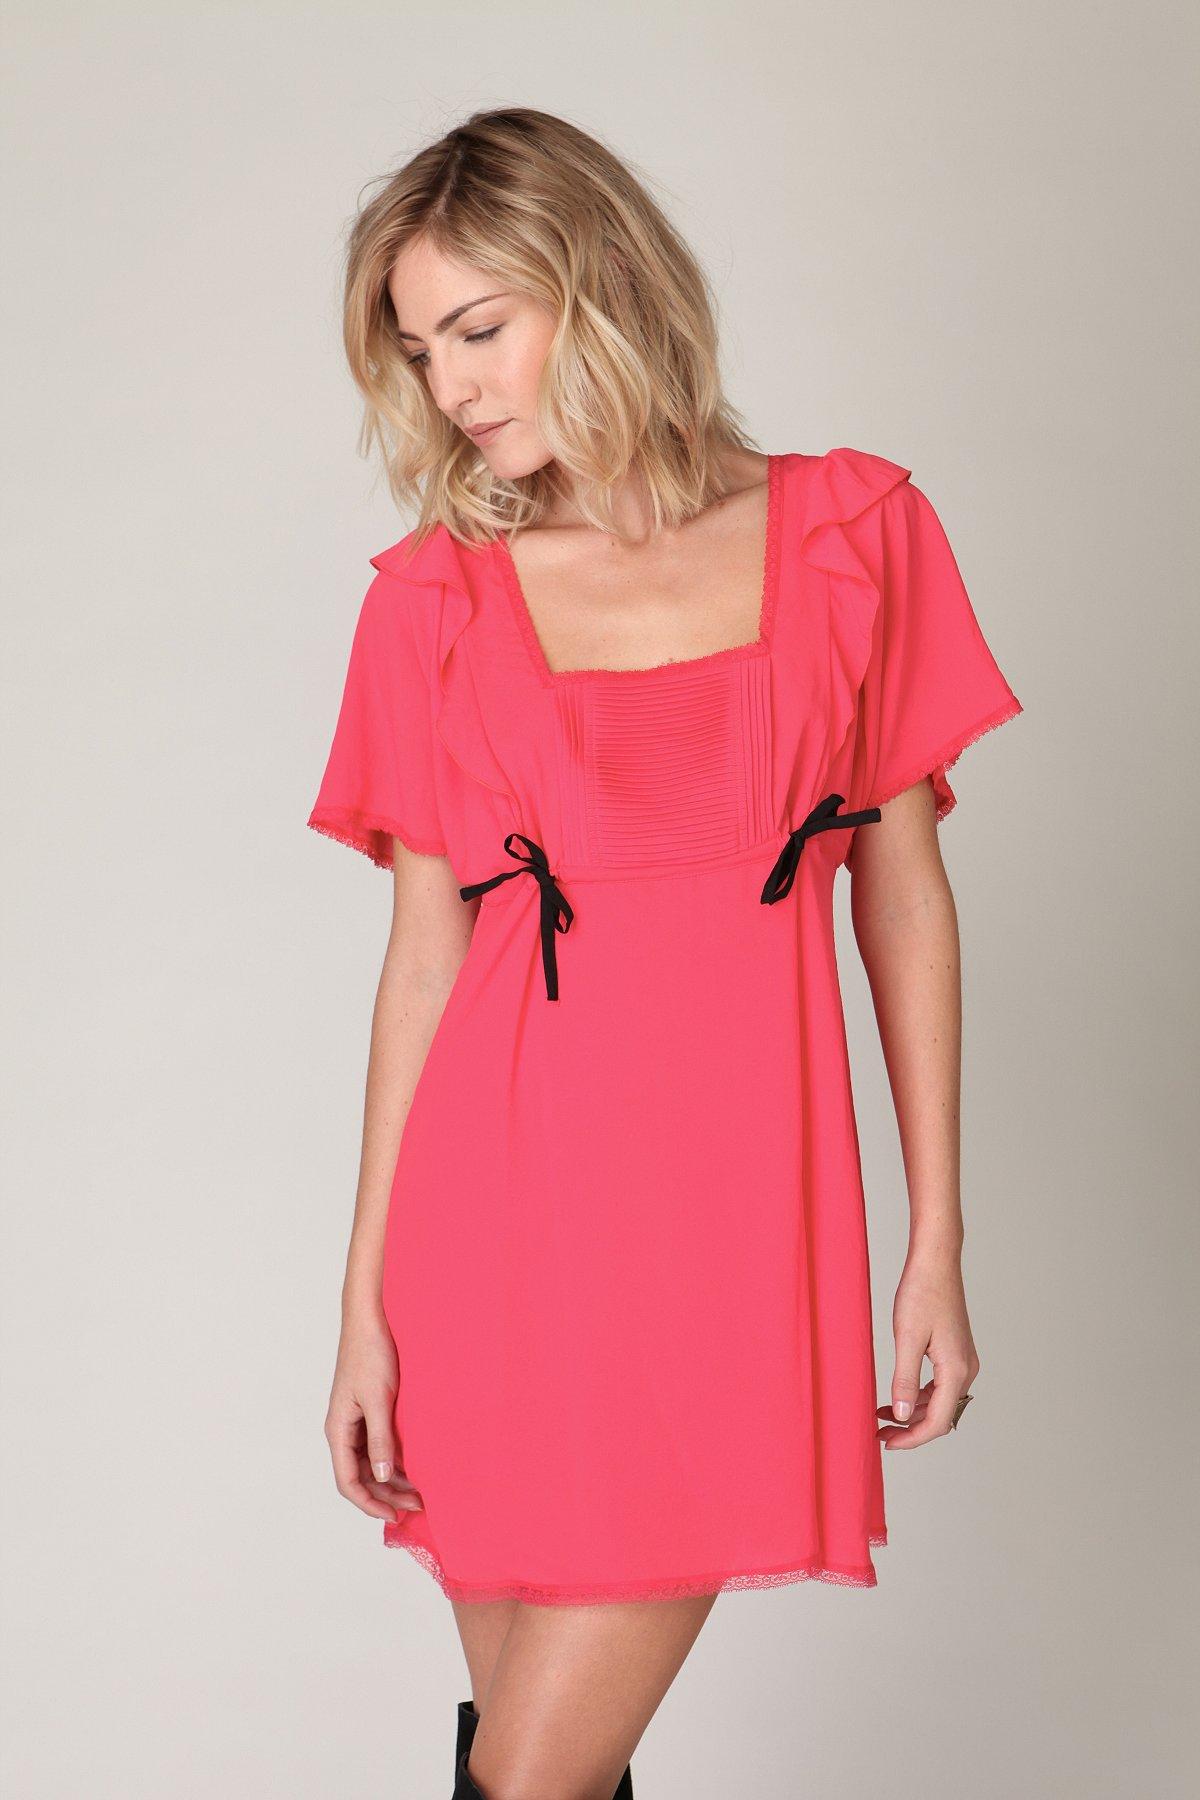 Ruffled Nightingale Dress